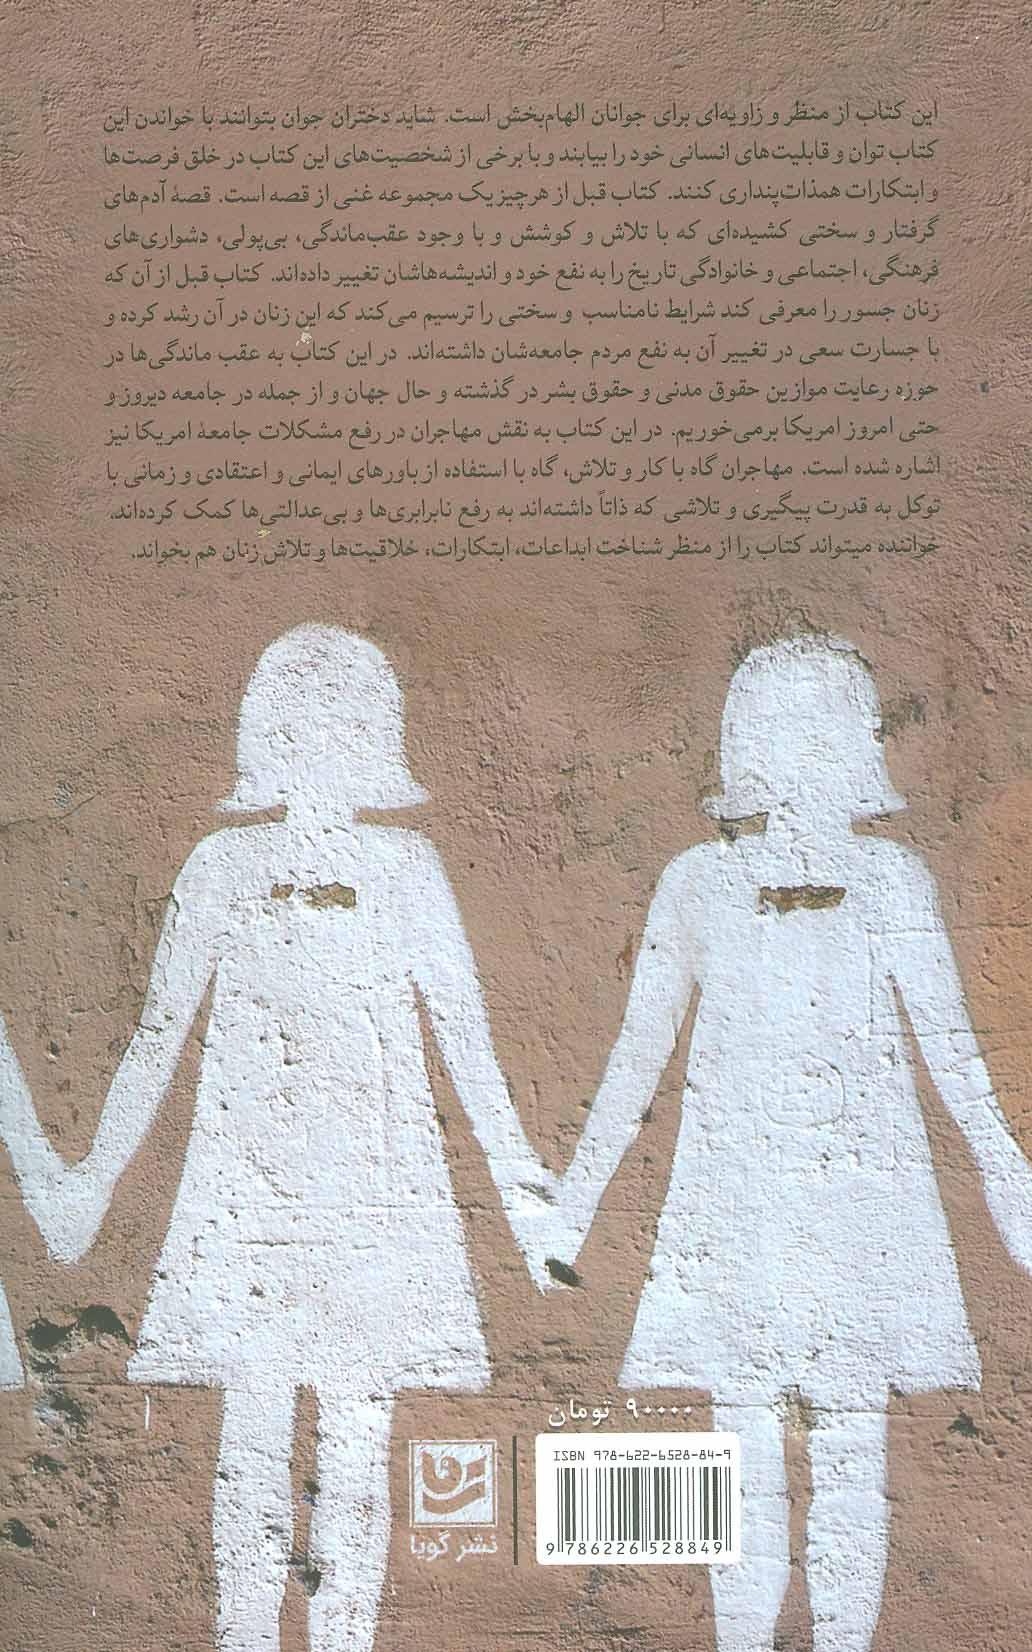 زنان جسور (گوشه هایی از زندگی زنان شجاع و پرتلاش تاریخ)